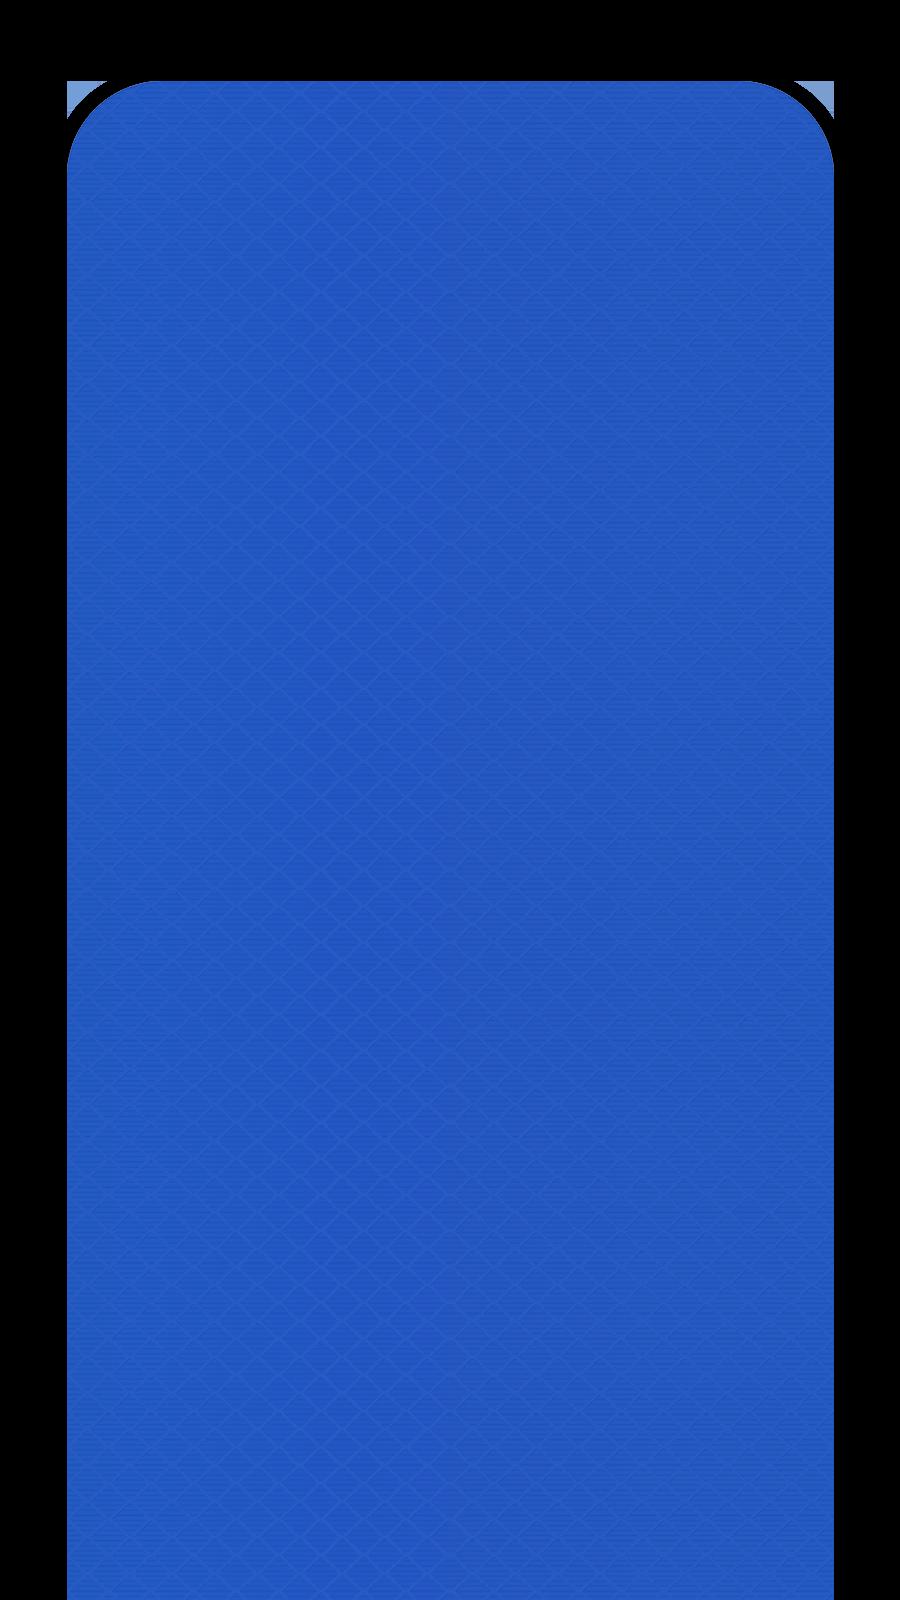 3M™ 4095 Series Blue Diamond Grade Sheeting